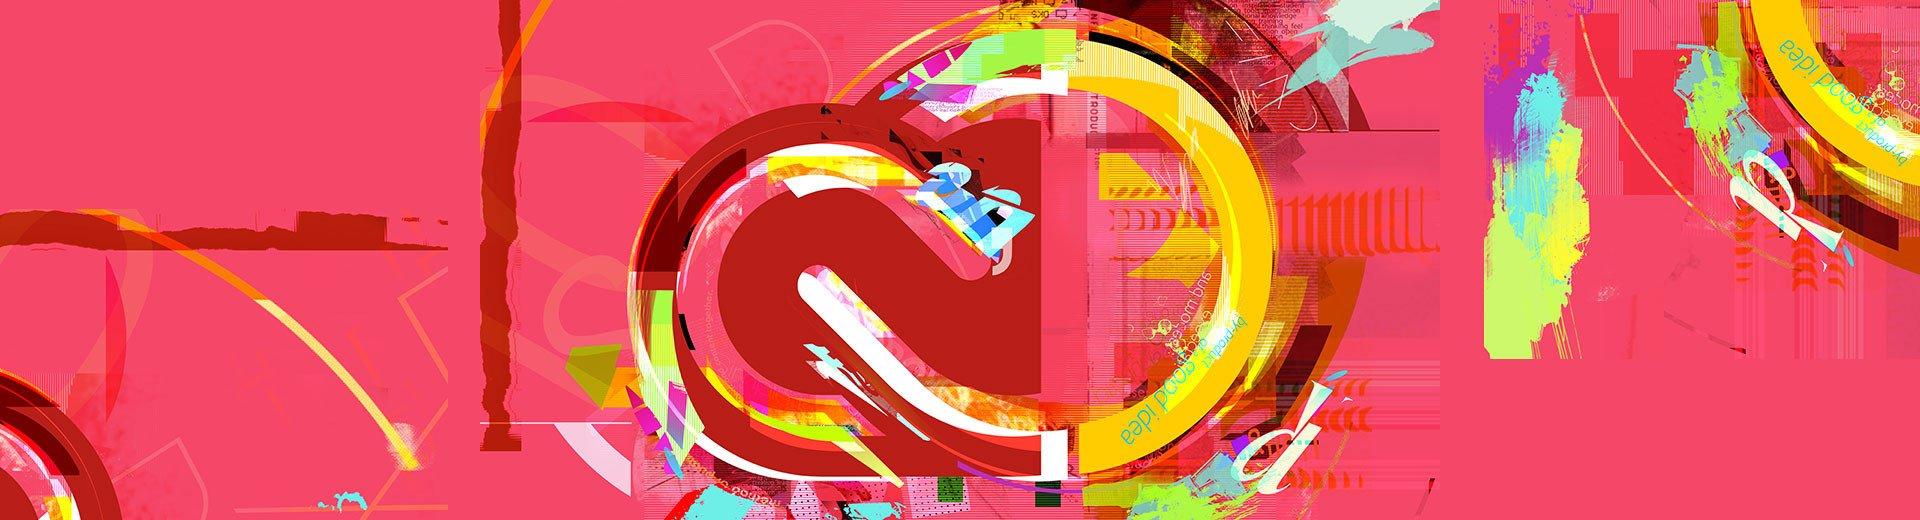 Okładka artykułu Adobe wprowadza ofertę Creative Cloud dla uczniów i studentów! — Zniżki na zakup oprogramowania